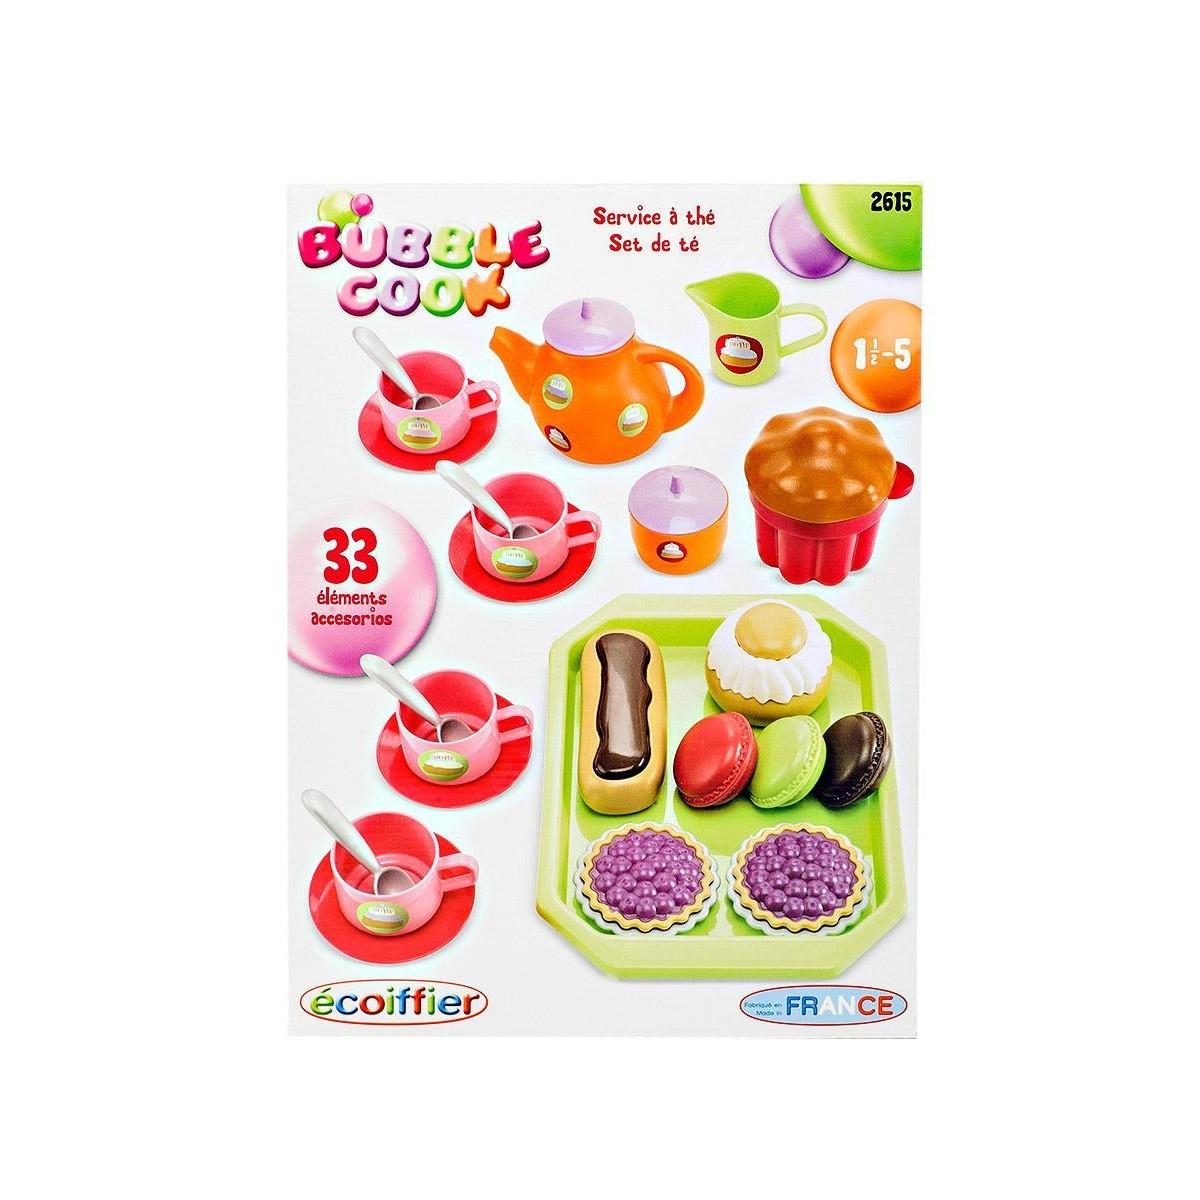 Игровой набор Ecoffier Чайный сервиз с пирожными (33 предмета) (Ecoiffier)